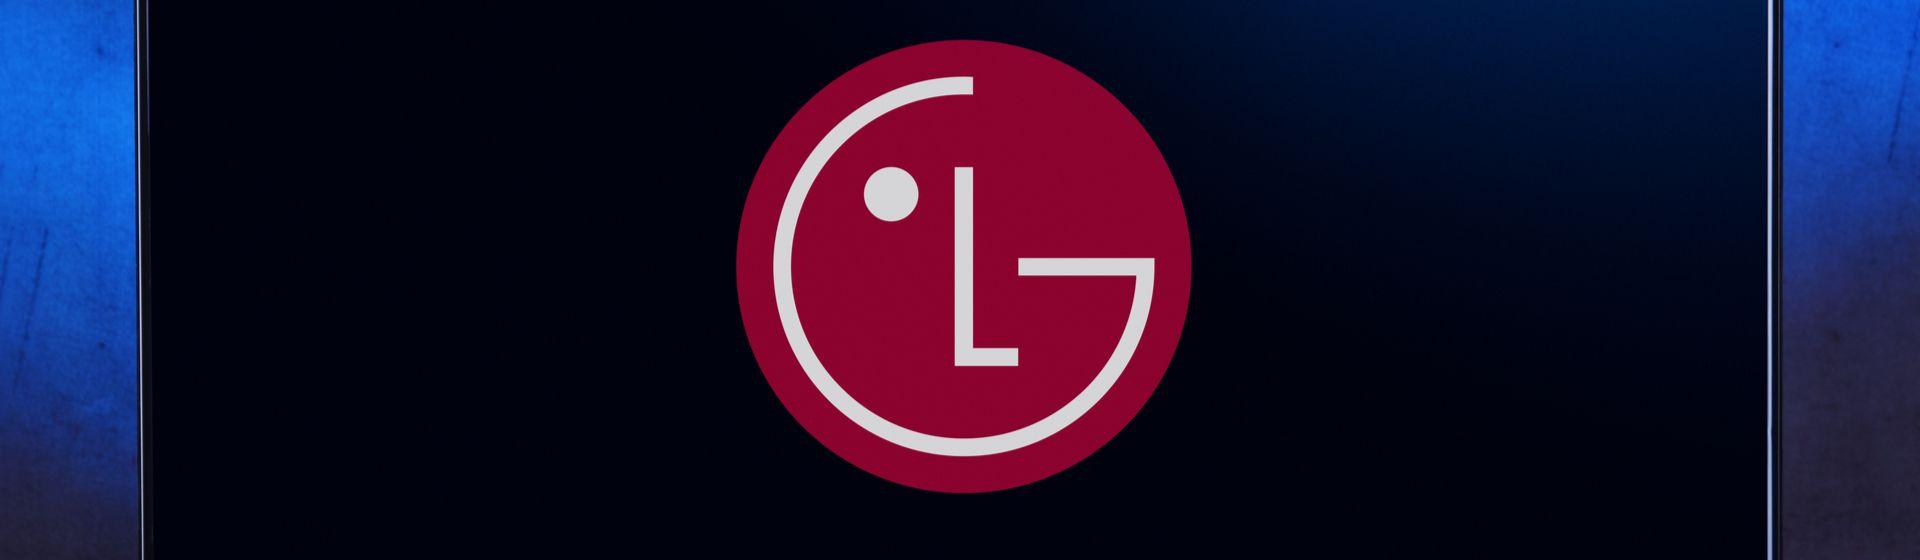 Como ligar o Wi-Fi da TV LG?